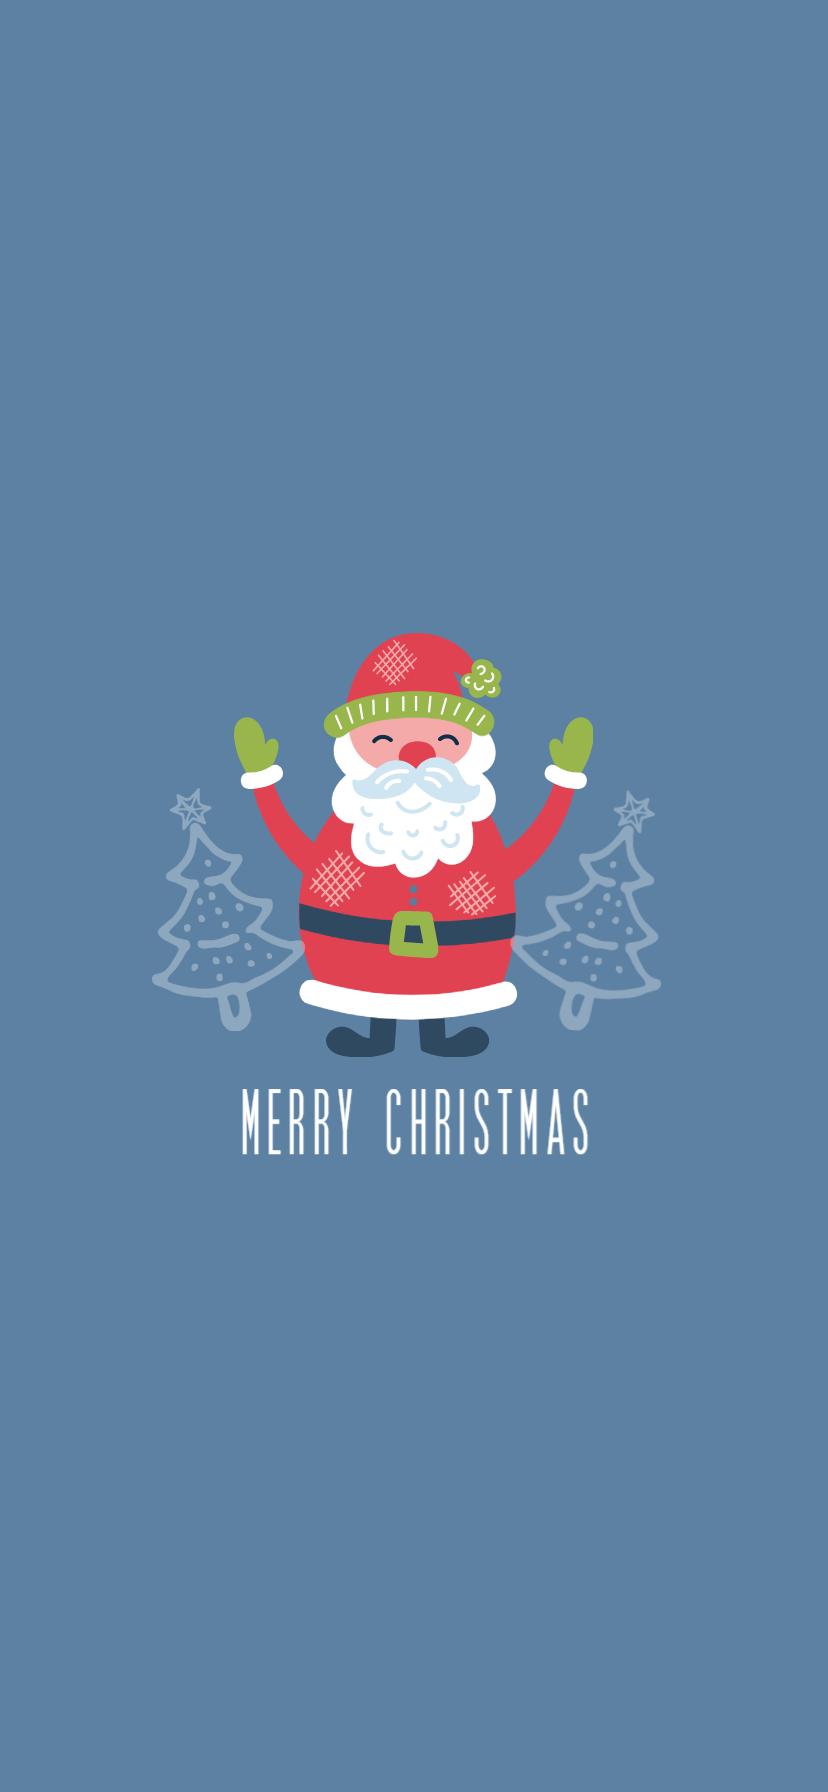 아이폰 고화질 크리스마스 일러스트 배경화면 만들기 귀여운 크리스마스 배경화면 크리스마스 배경화면